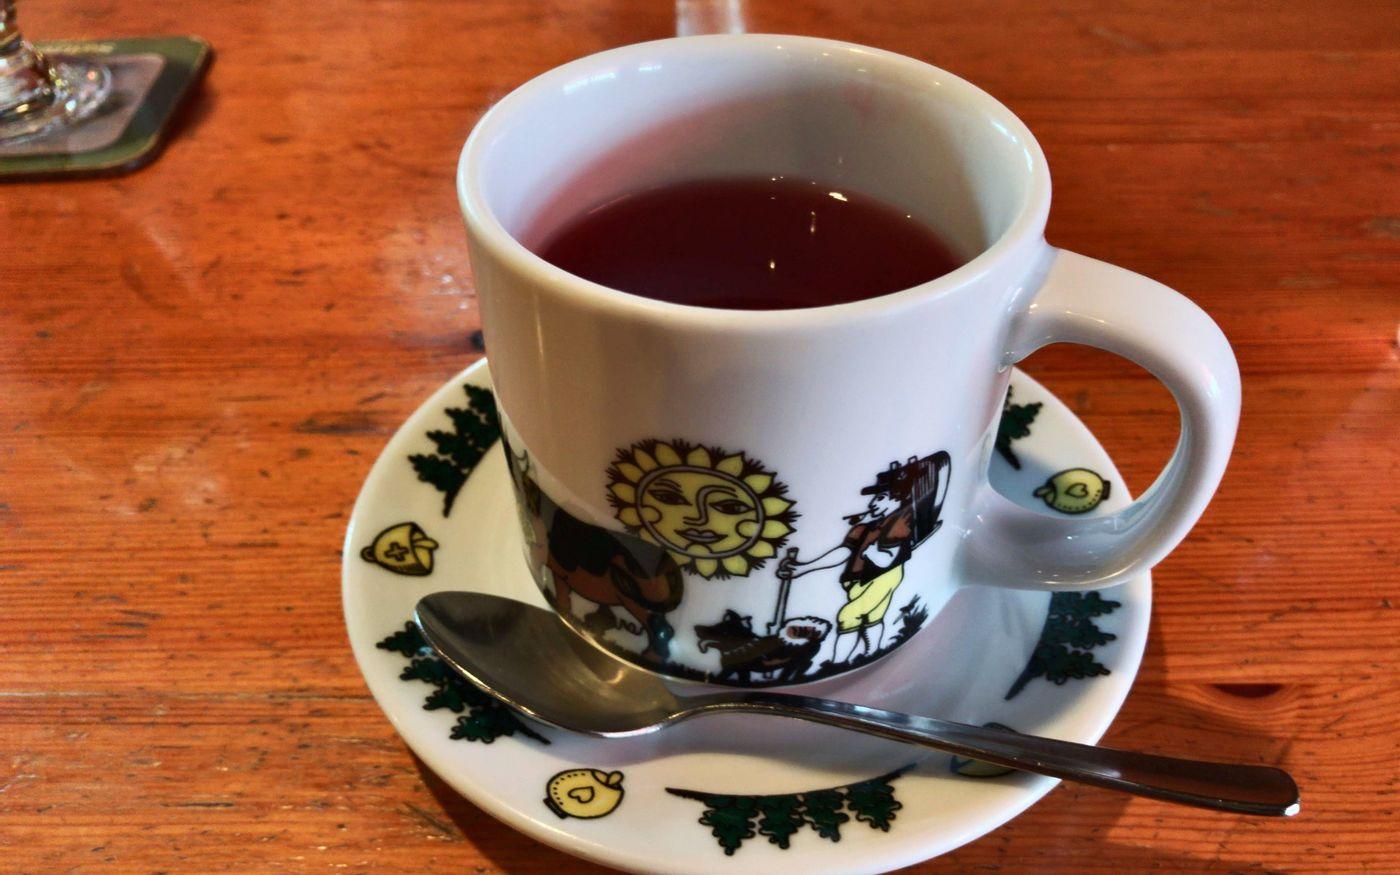 レトロ&おしゃれな個性派喫茶でゆったりと。西日暮里の喫茶店7選♡の画像